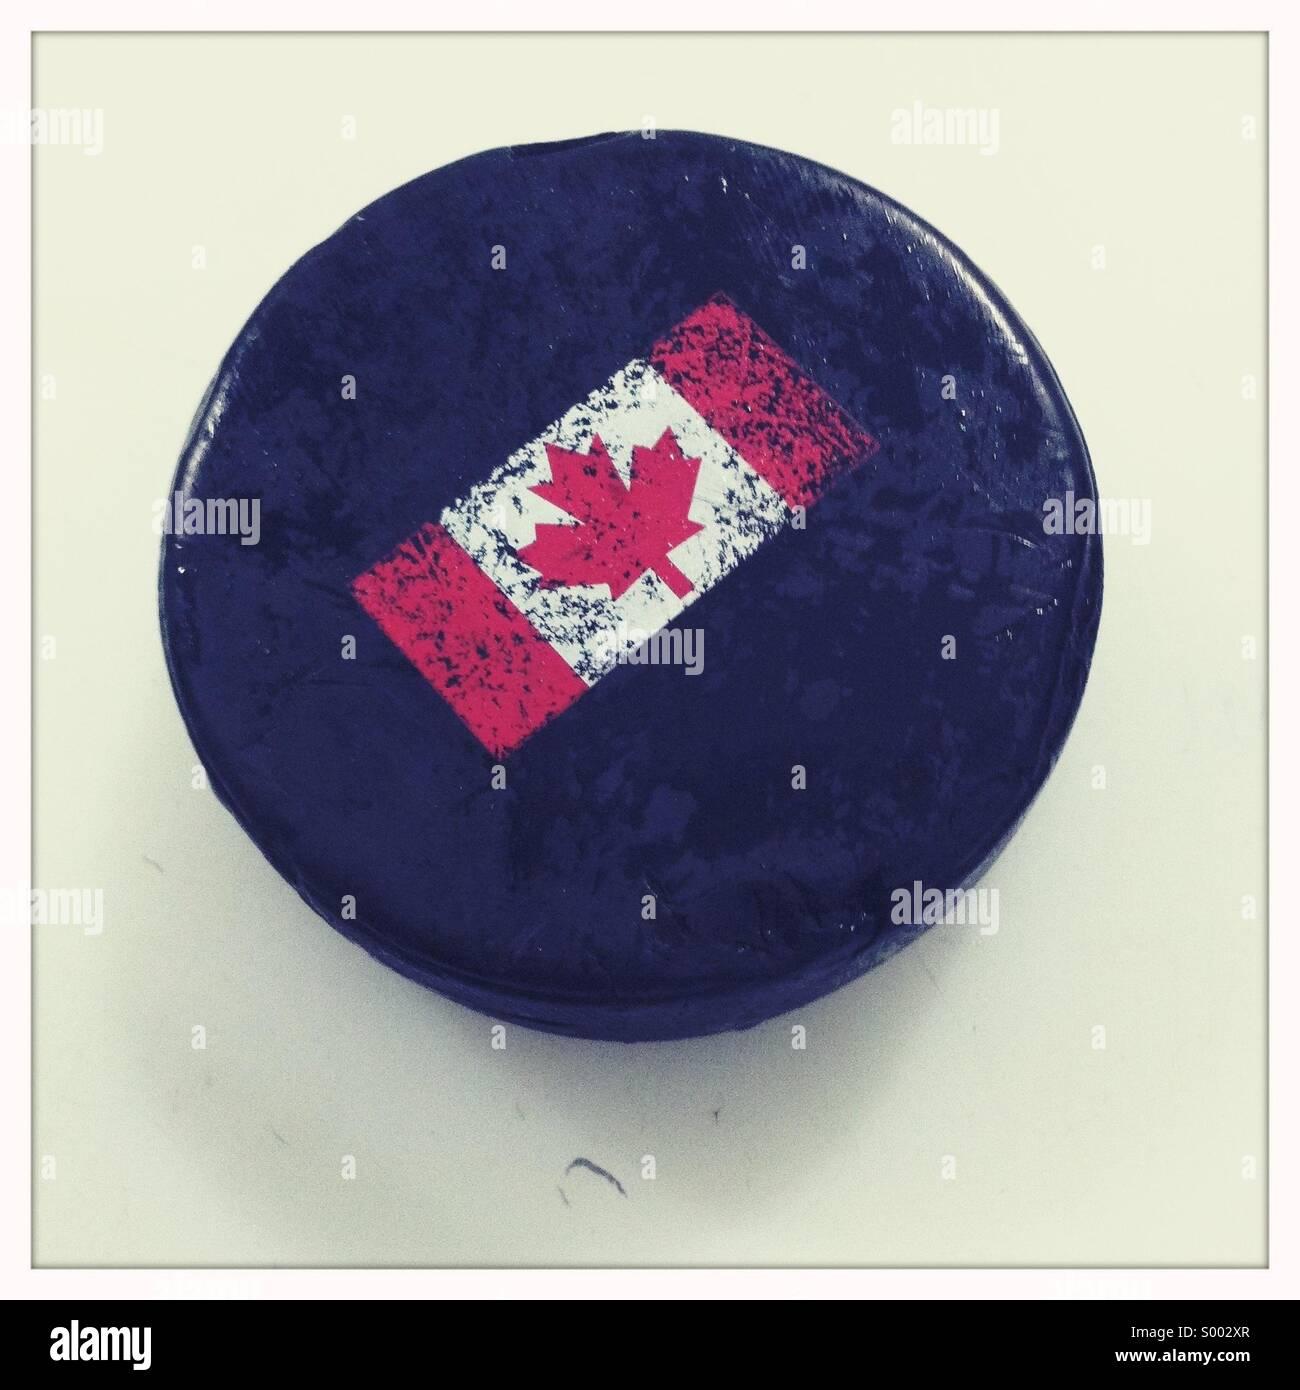 Un black ice hockey puck con una bandiera canadese dipinto su di esso. Immagini Stock